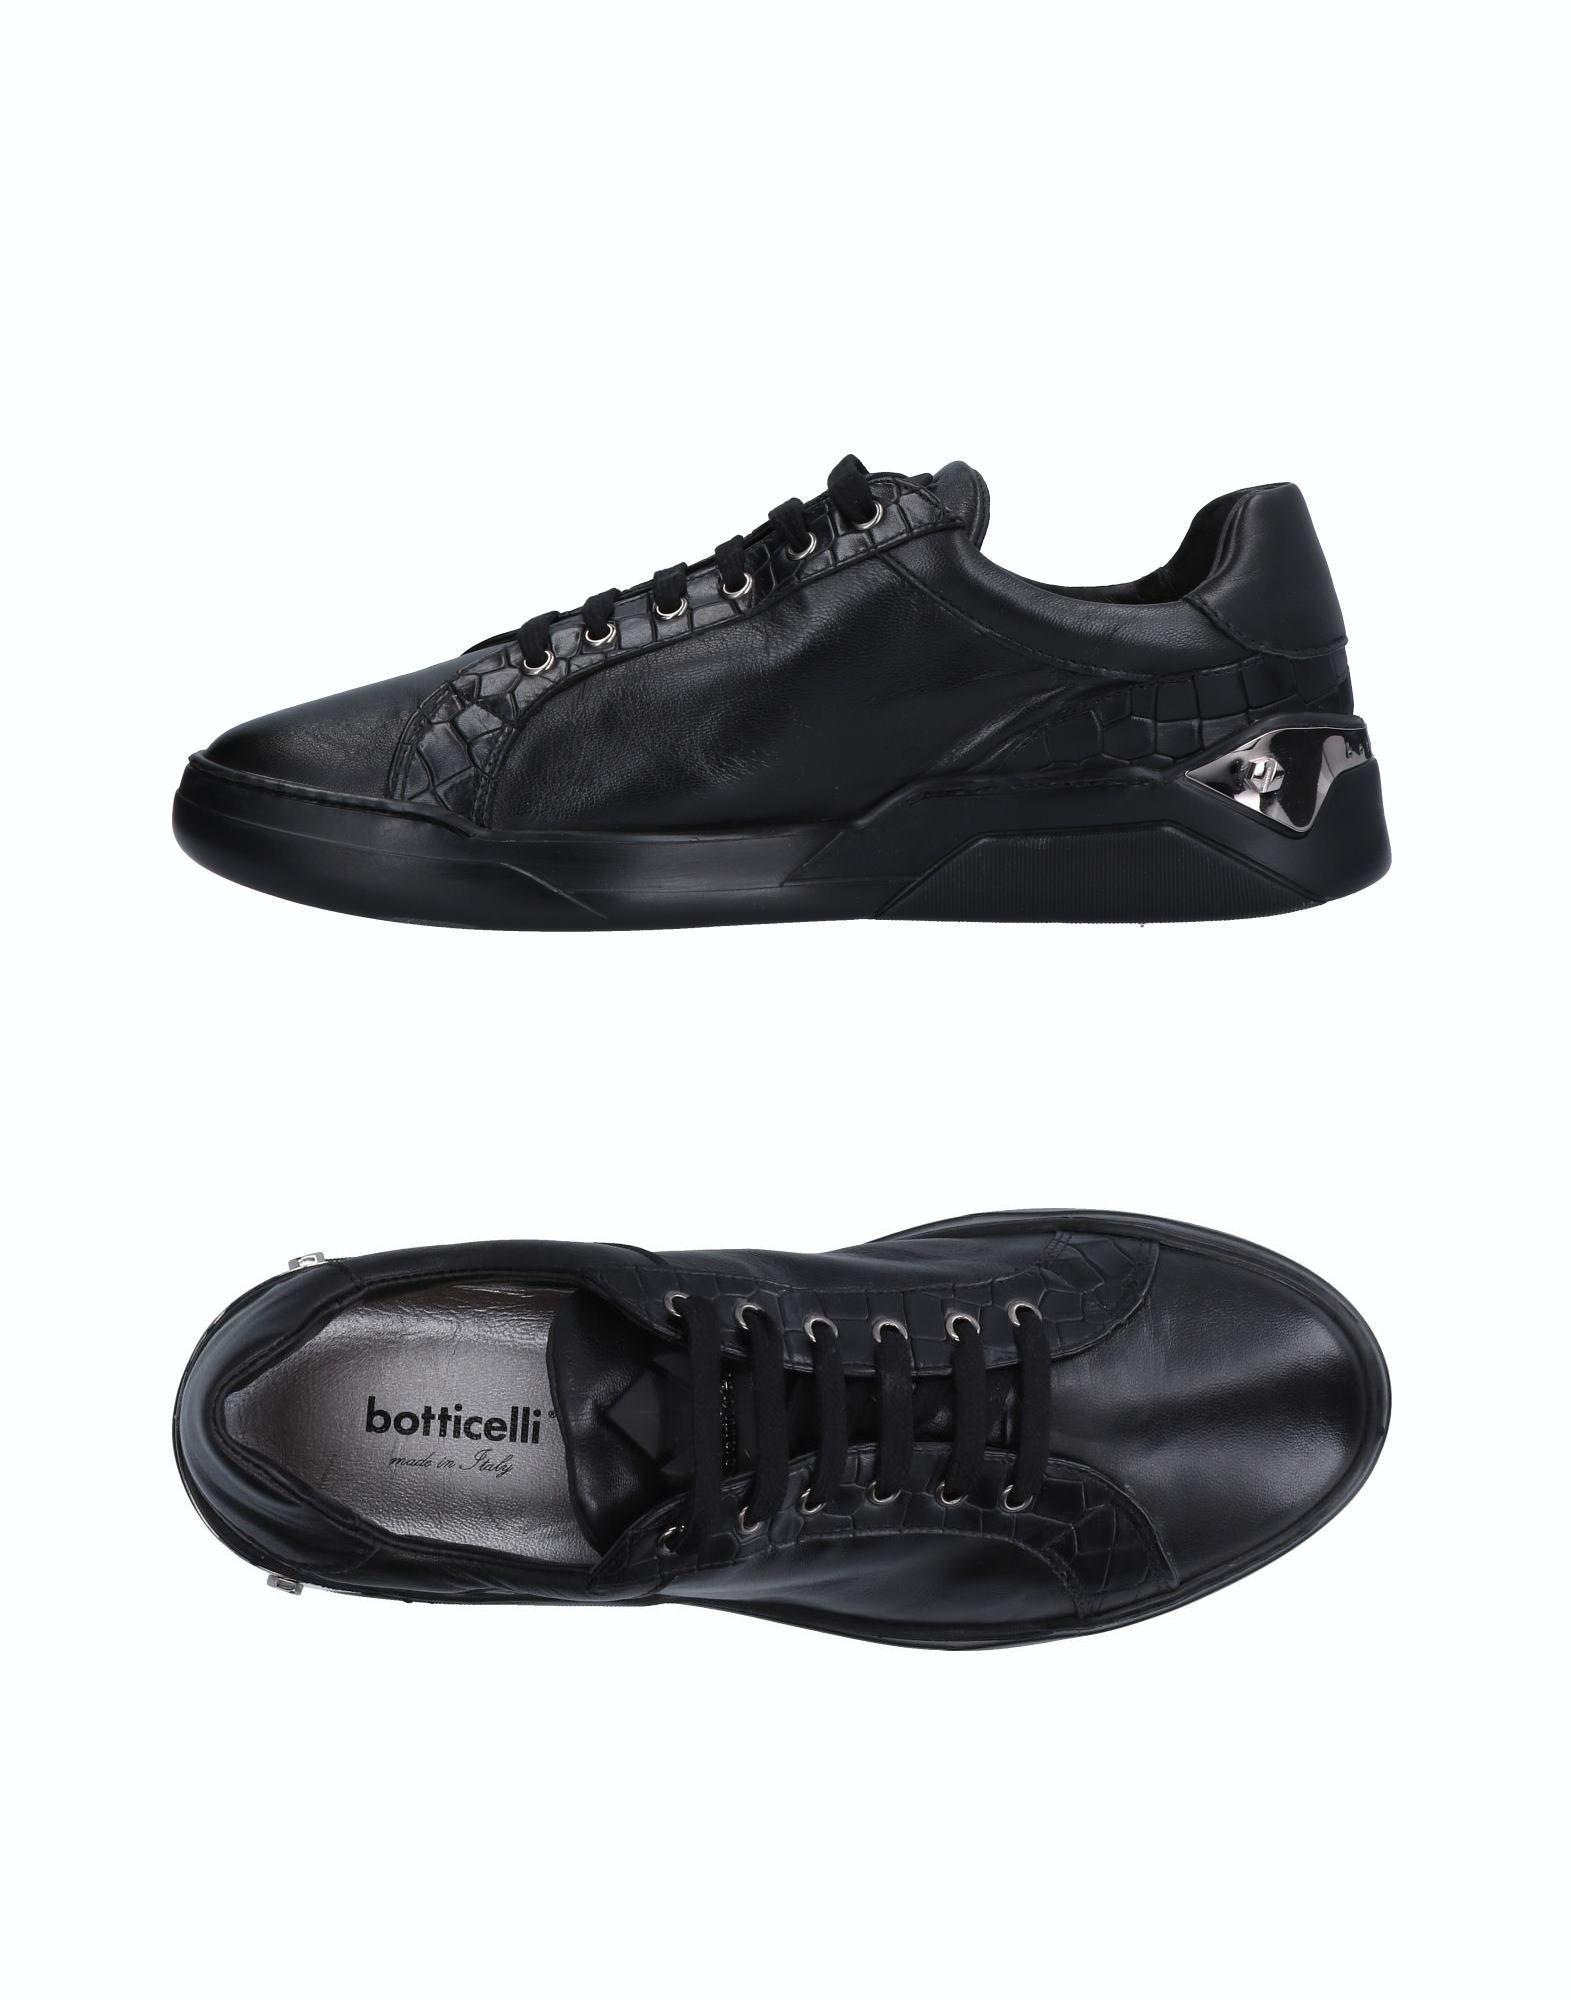 Roberto Botticelli Sneakers Herren  11515553PX Gute Qualität beliebte Schuhe